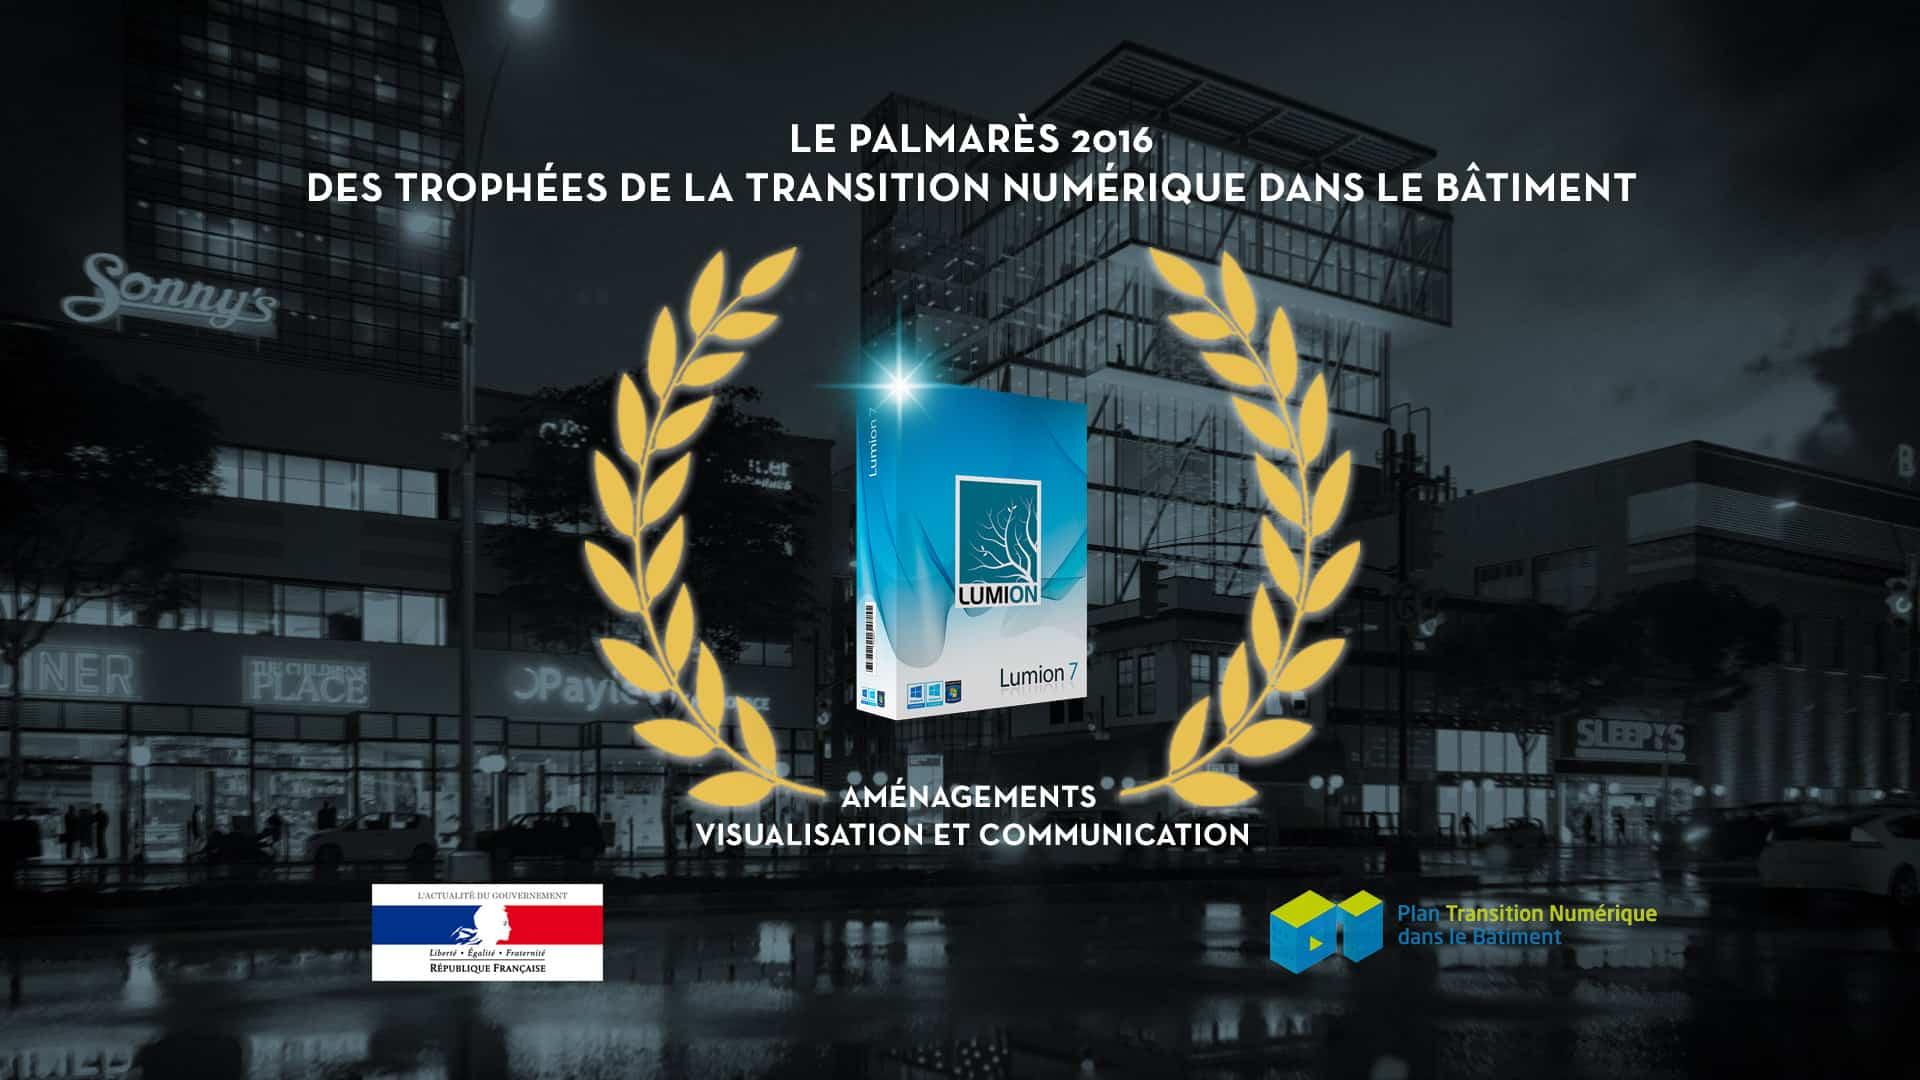 Trophées de la Transition Numérique dans le Bâtiment en 2016 -